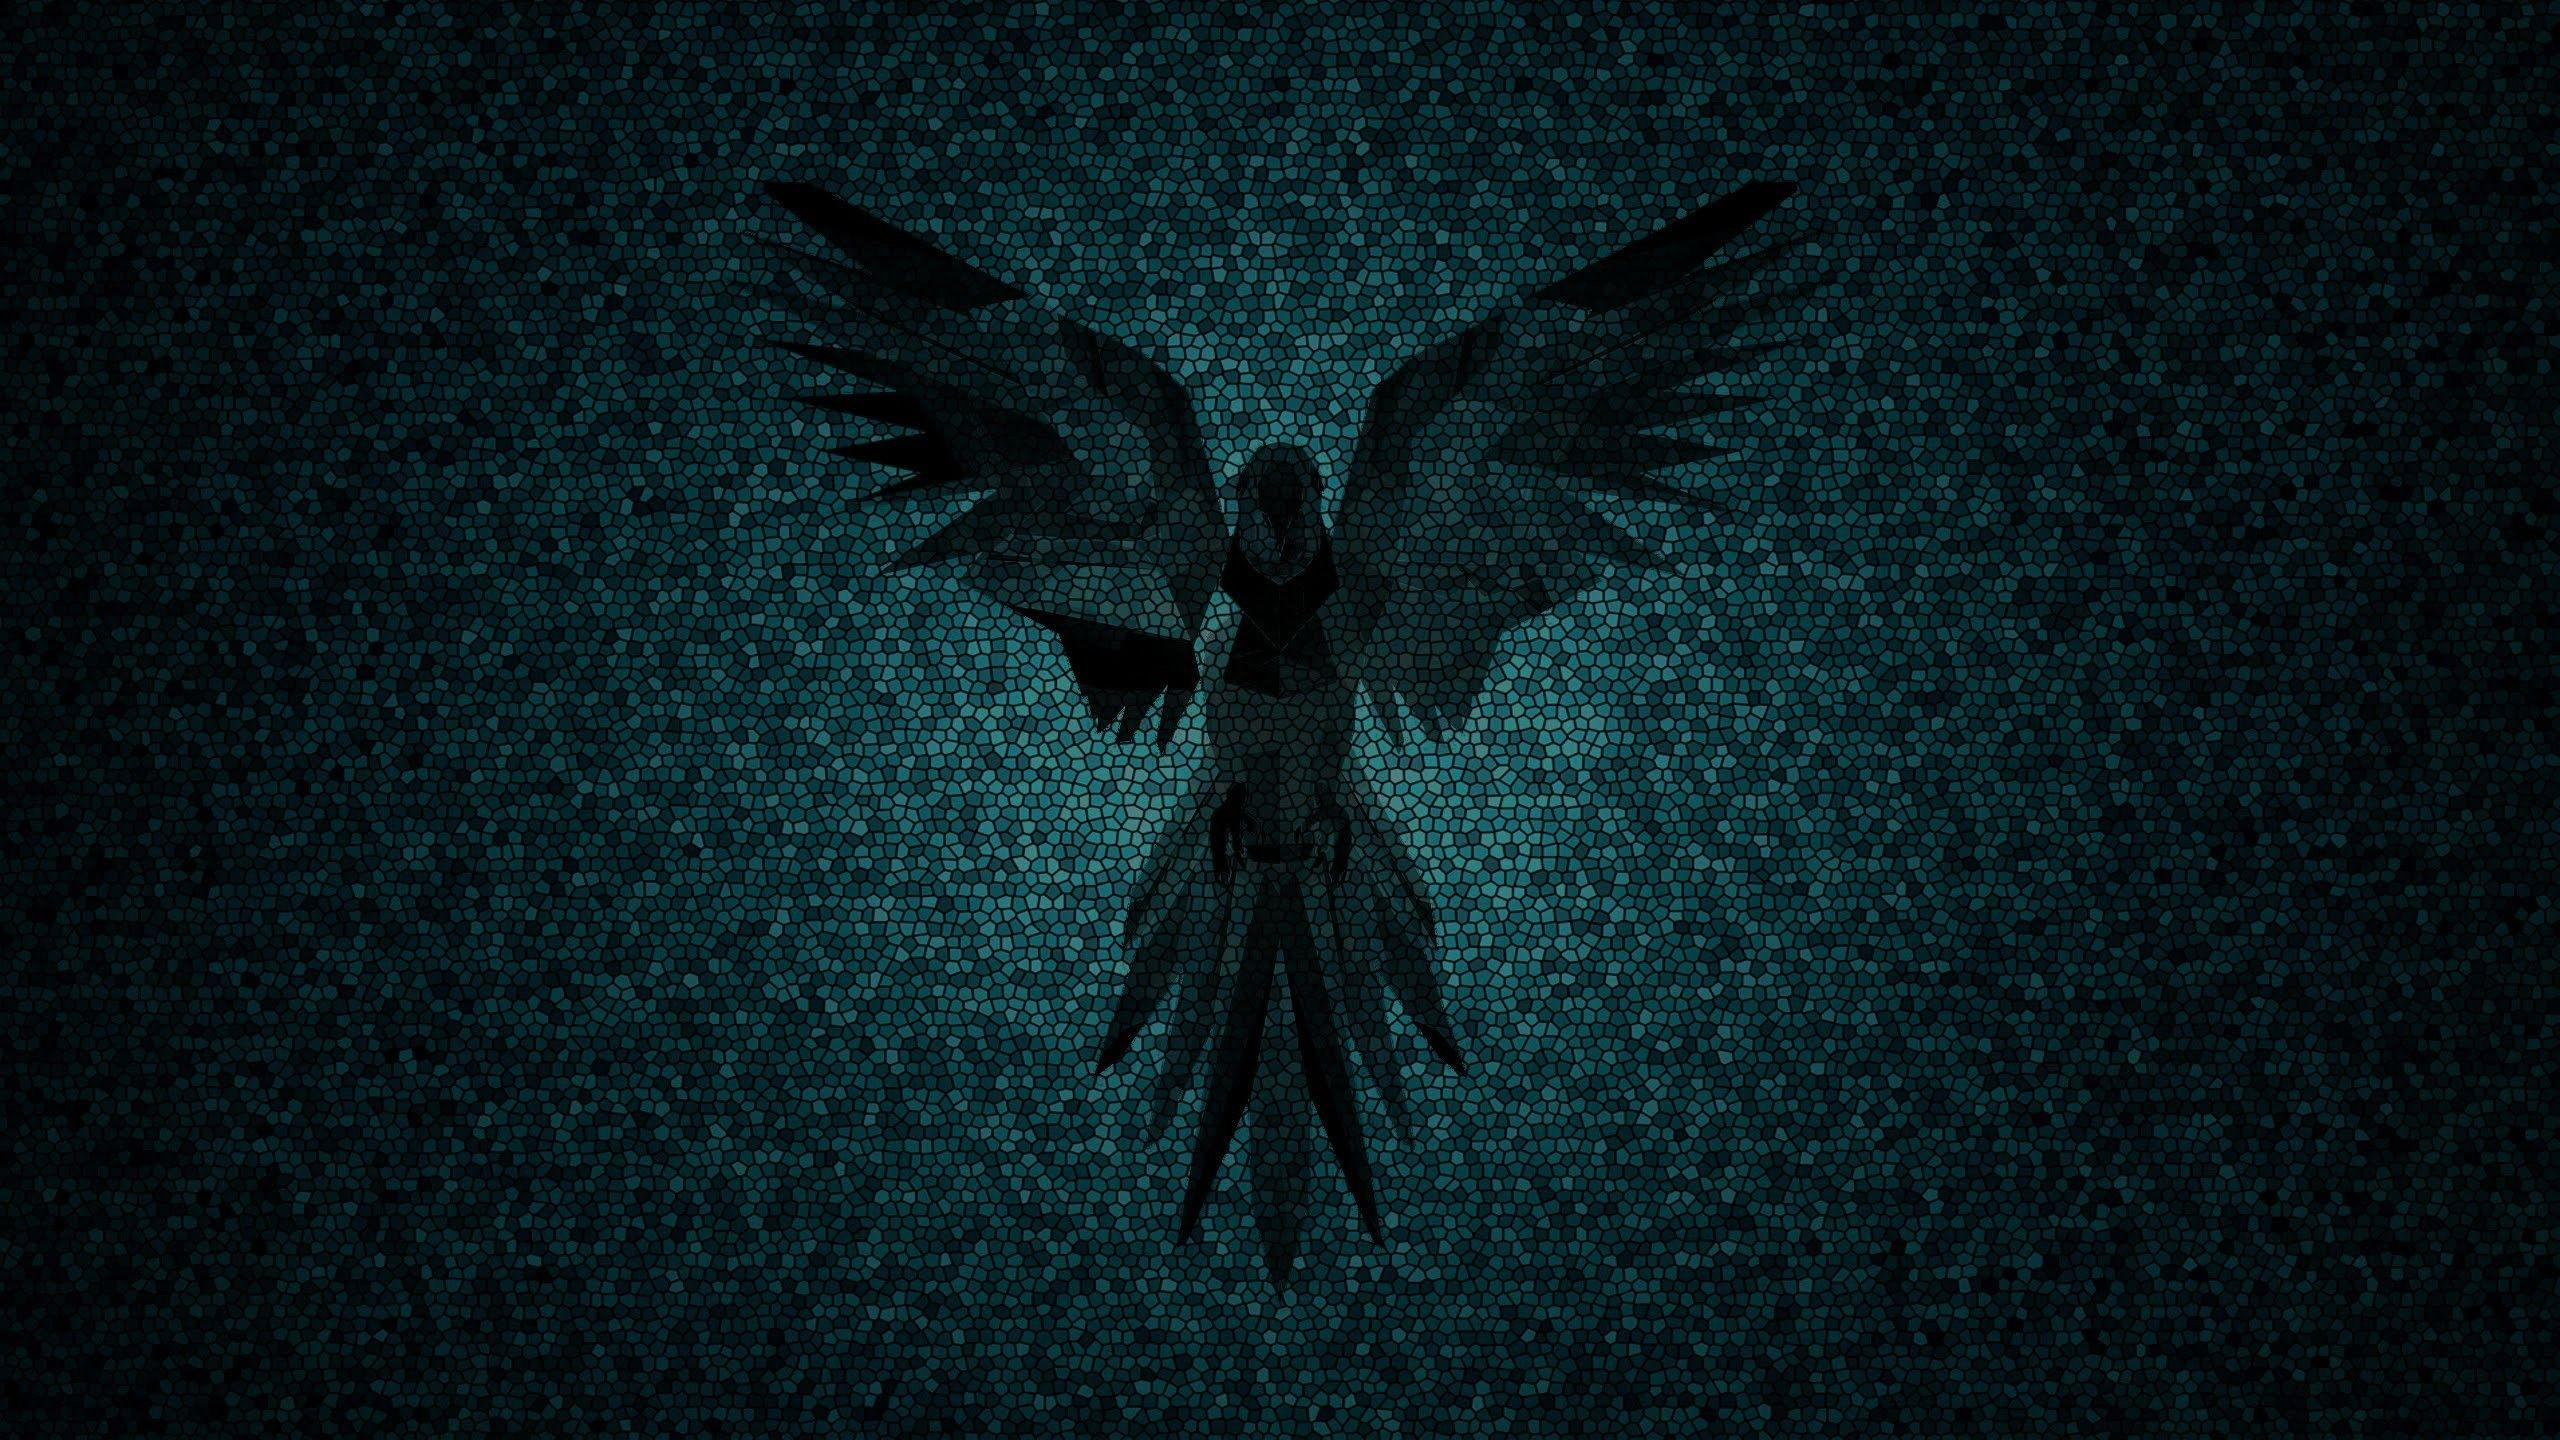 General 2560x1440 Parrot Security Linux Debian Hacking Wallpaper Wallpapers Camera Aqua Walls